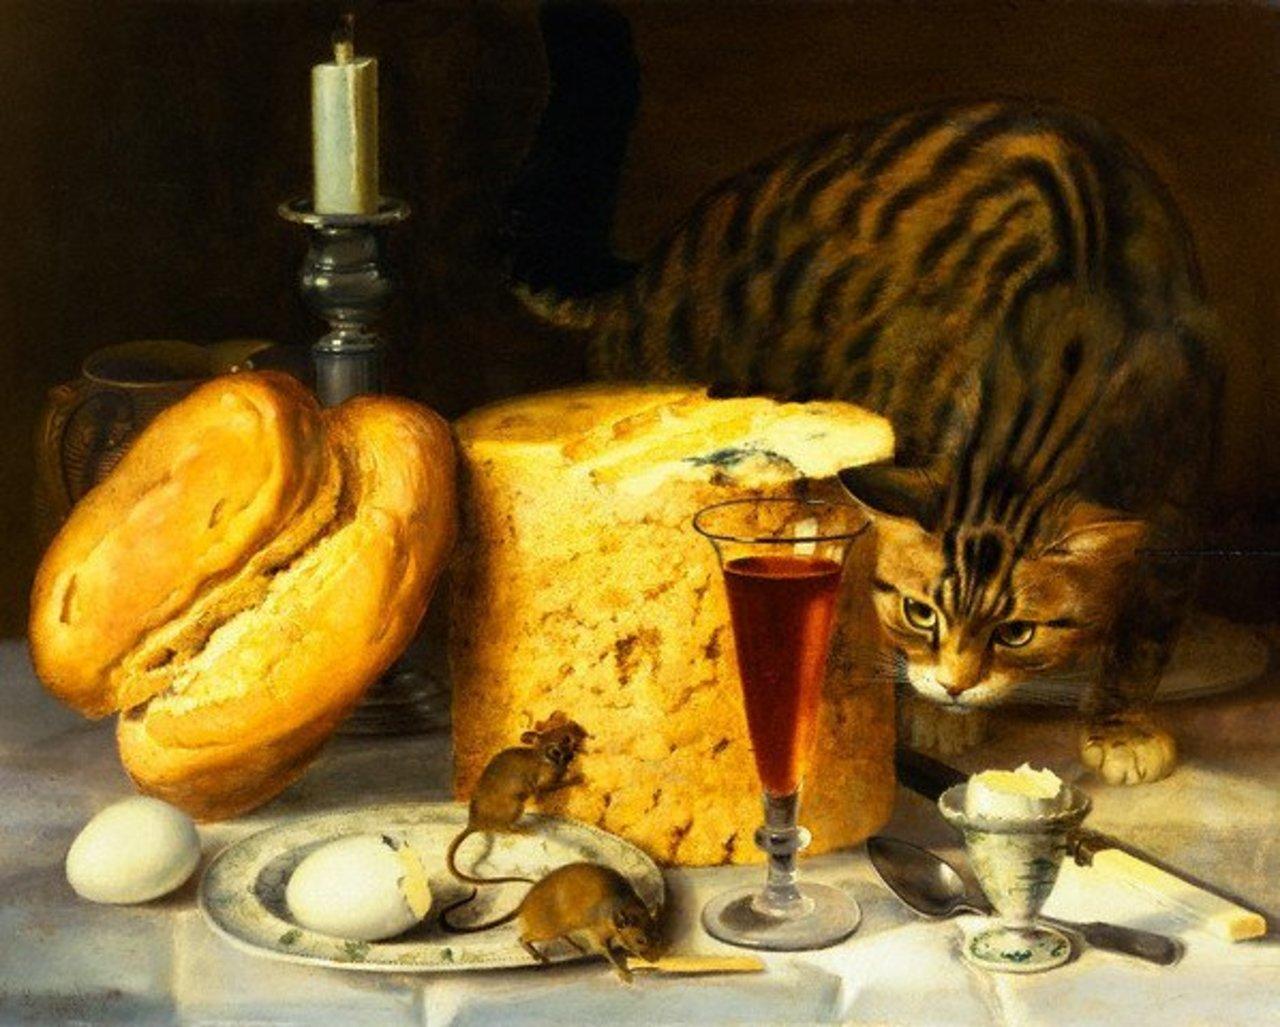 кошка ест сыр